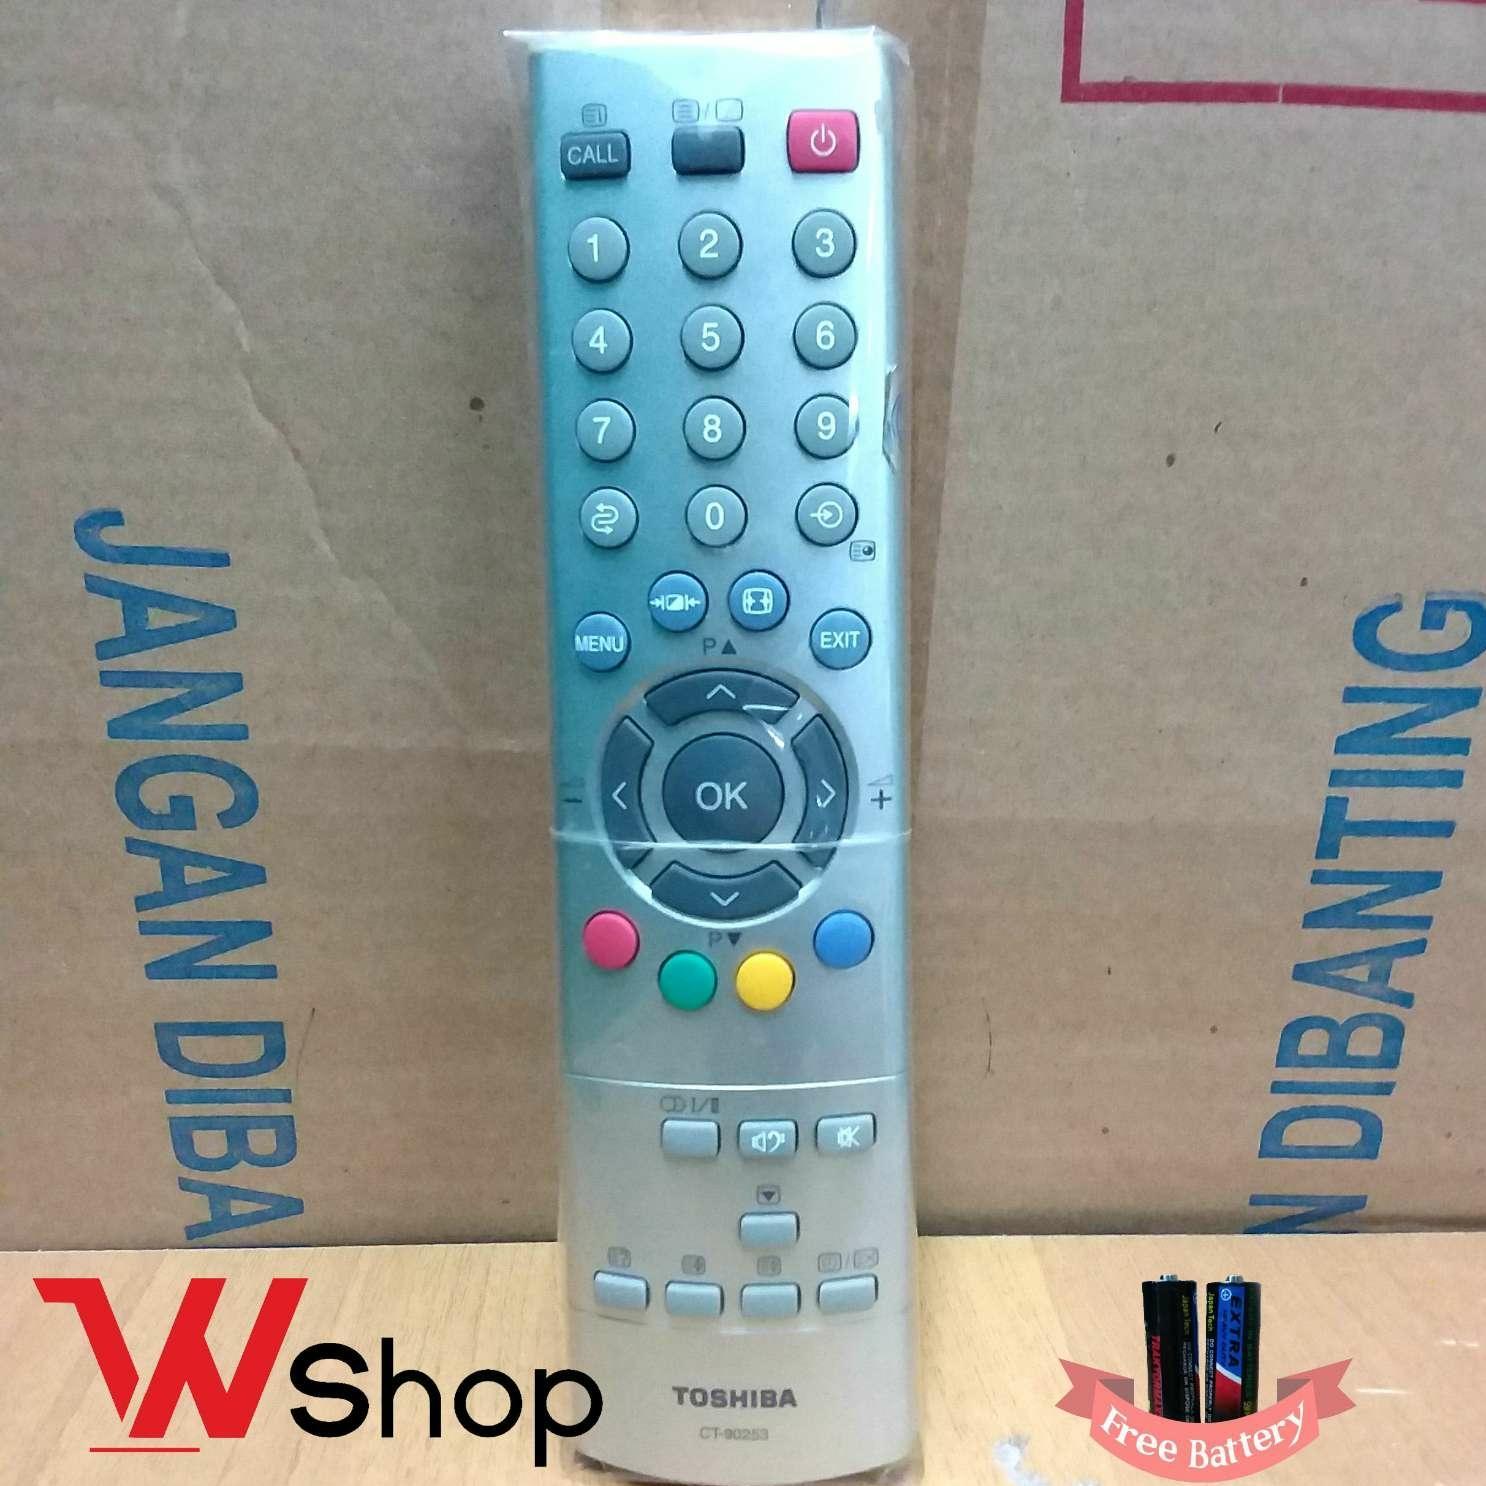 REMOT TV LCD LED DAN TABUNG TOSHIBA CT-90253 ORIGINAL